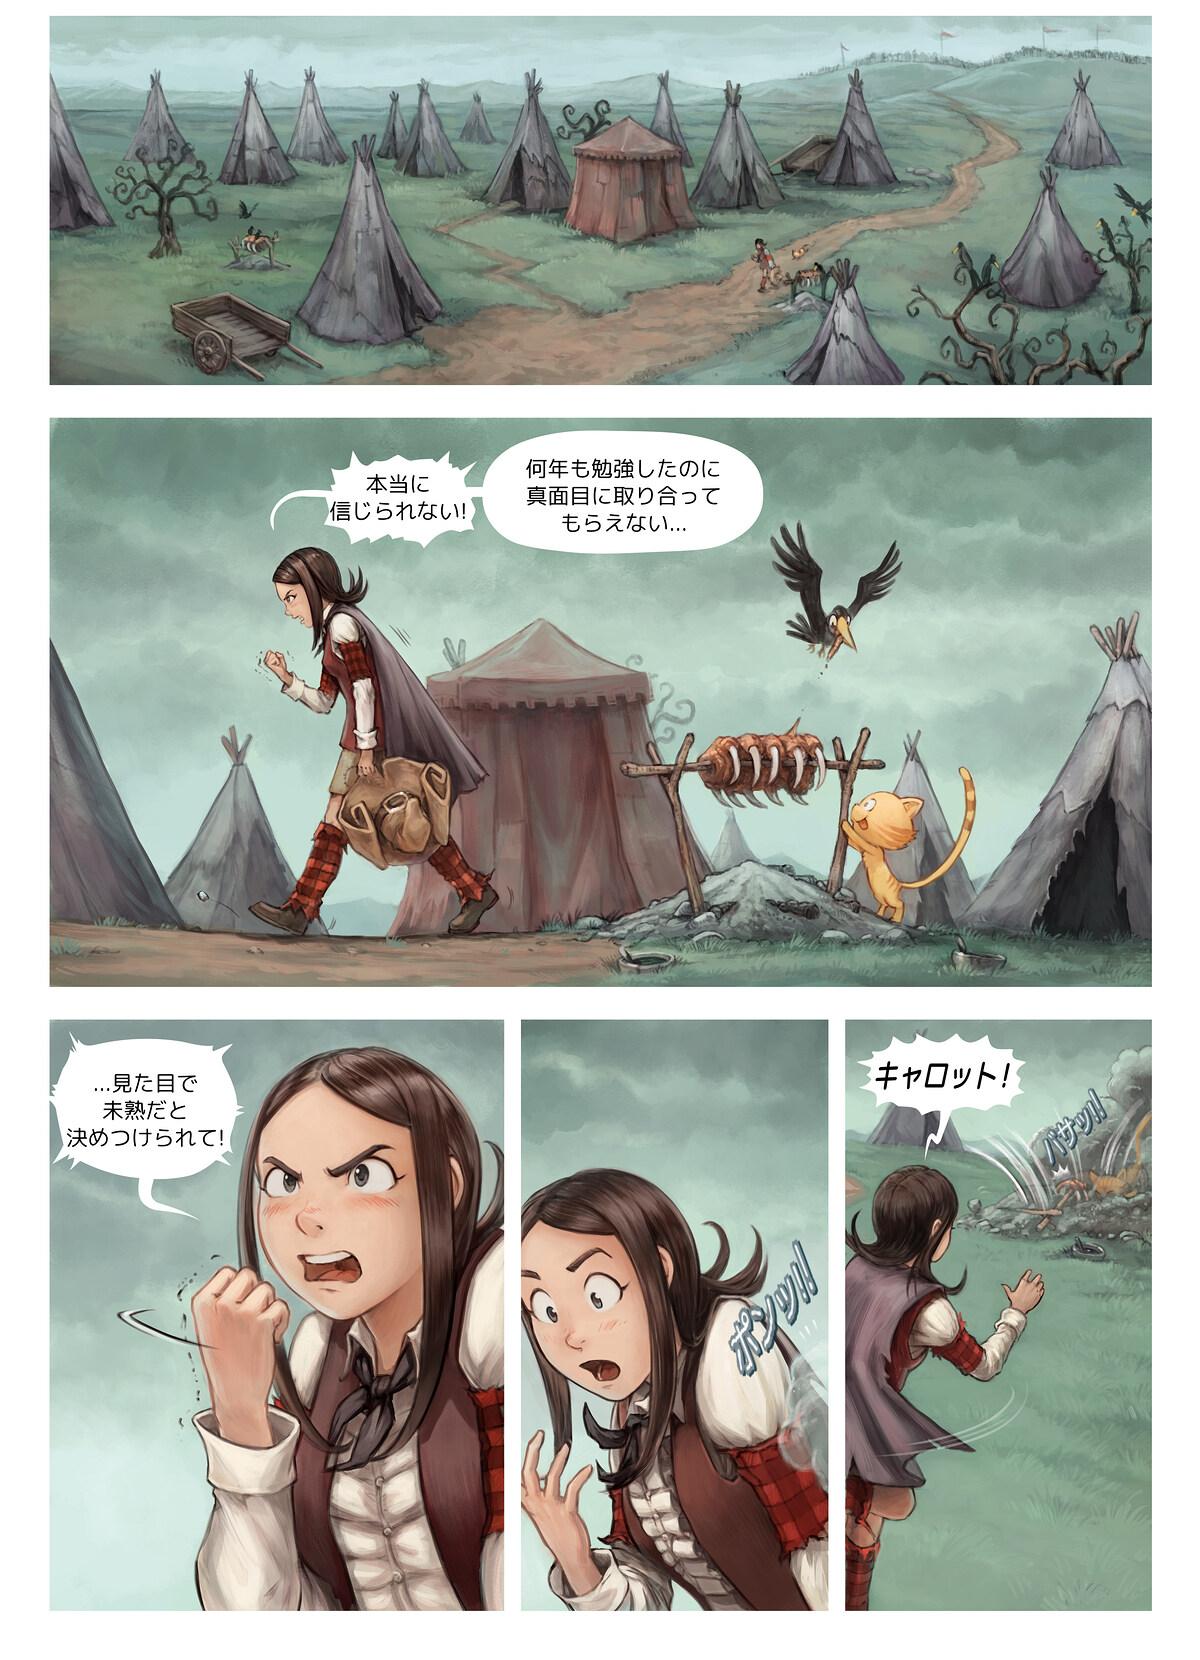 エピソード 32: 戦場, ページ 4